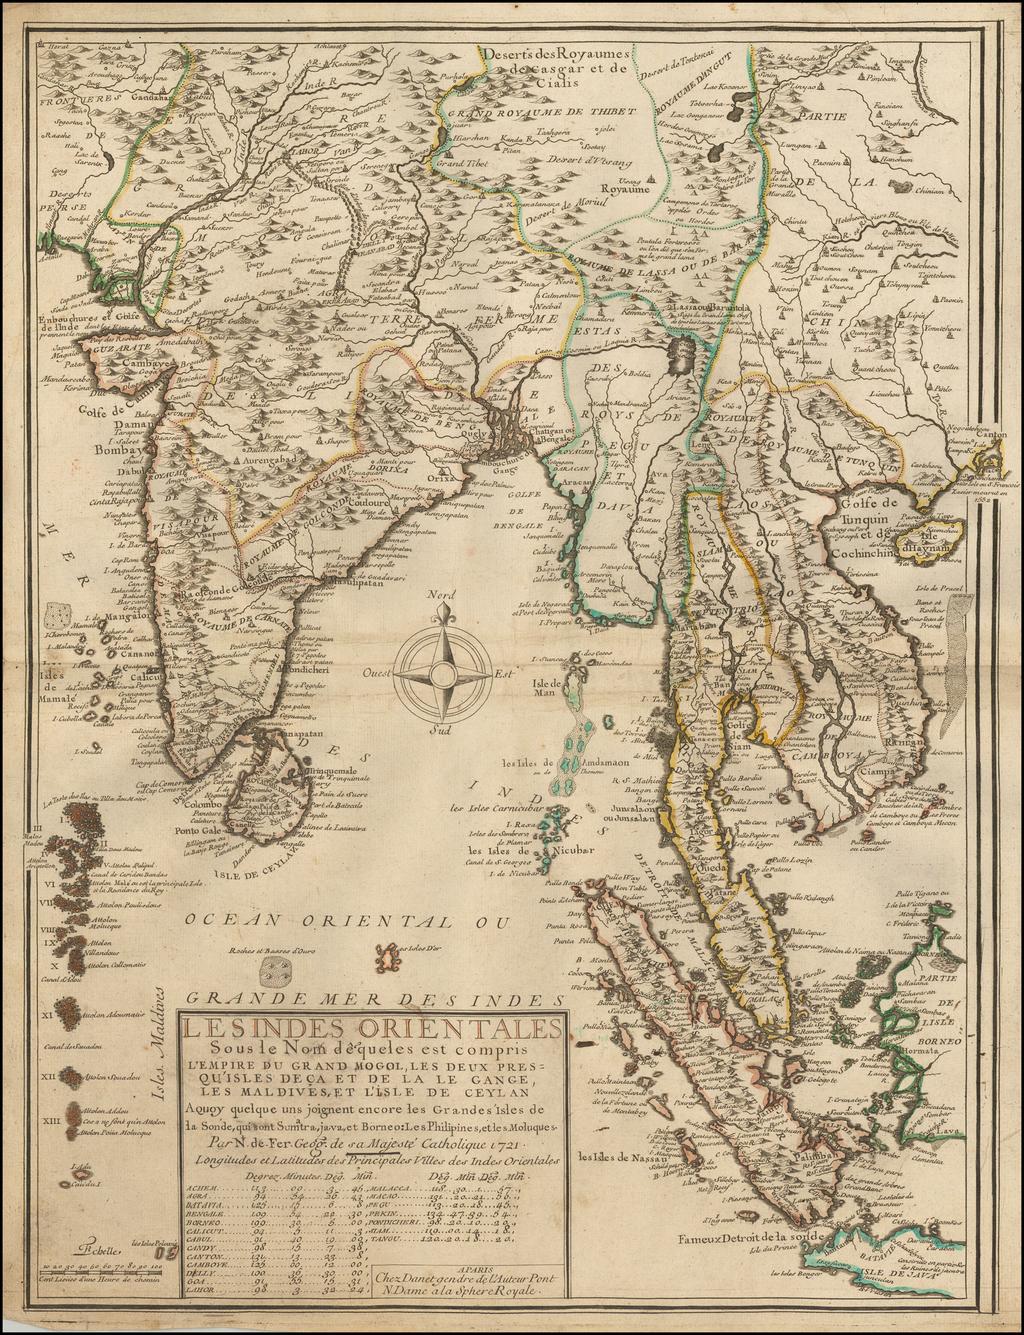 Les Indes Orientales sous le Nom de queles est compris L'Empire du Grand Mogol, Les Deux Presqu'Isles Deca et de la Le Gange, Les Maldives, et L'Isle de Ceylan . . . 1721 By Nicolas de Fer